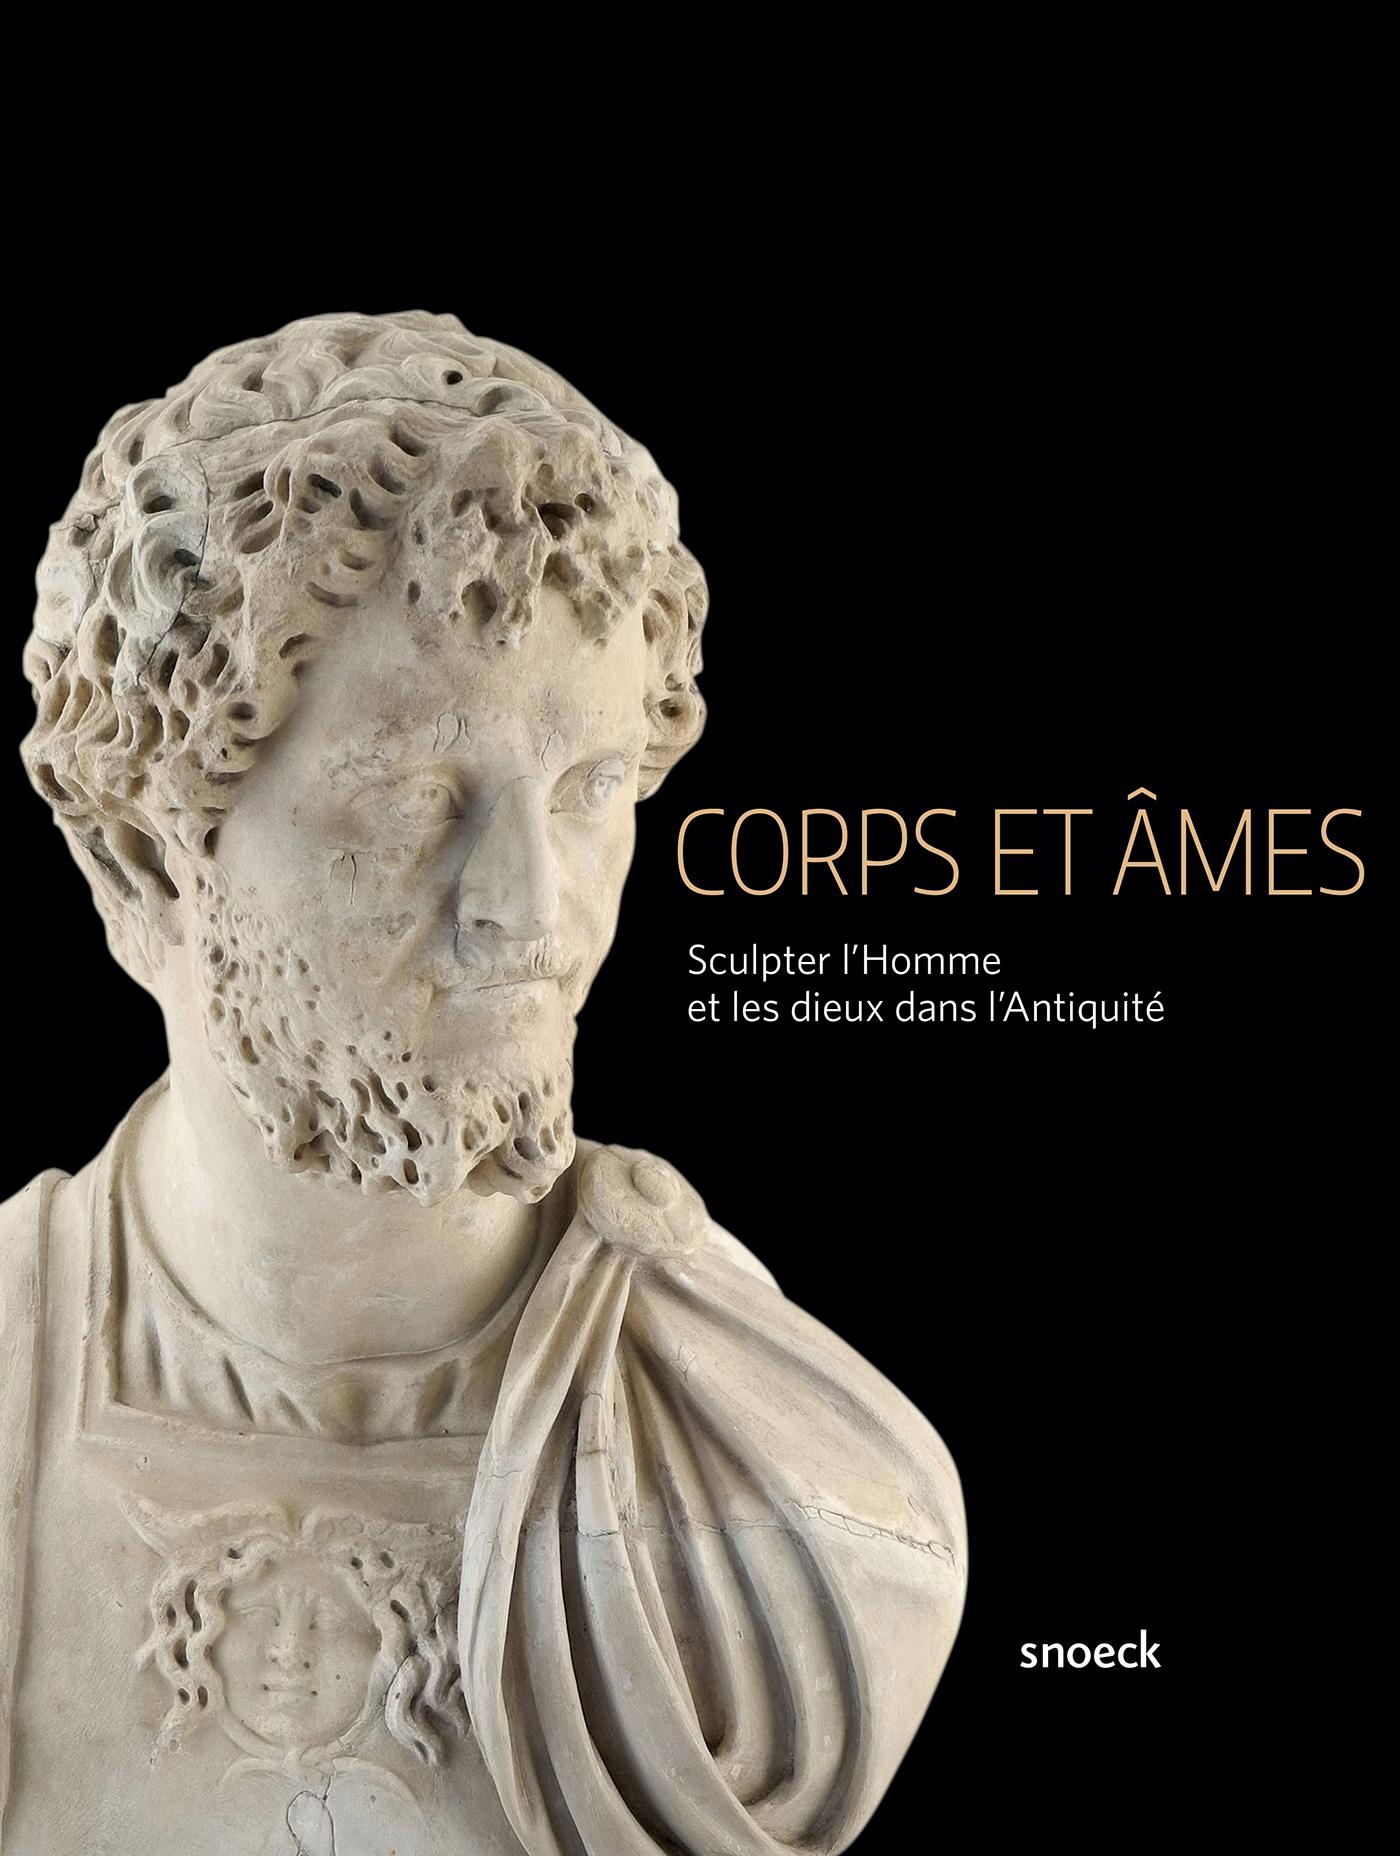 CORPS ET AMES SCULPTER L'HOMME ET LES DIEUX DANS L'ANTIQUITE - [EXPOSITION, JUBLAINS, MUSEE ARCHEOLO